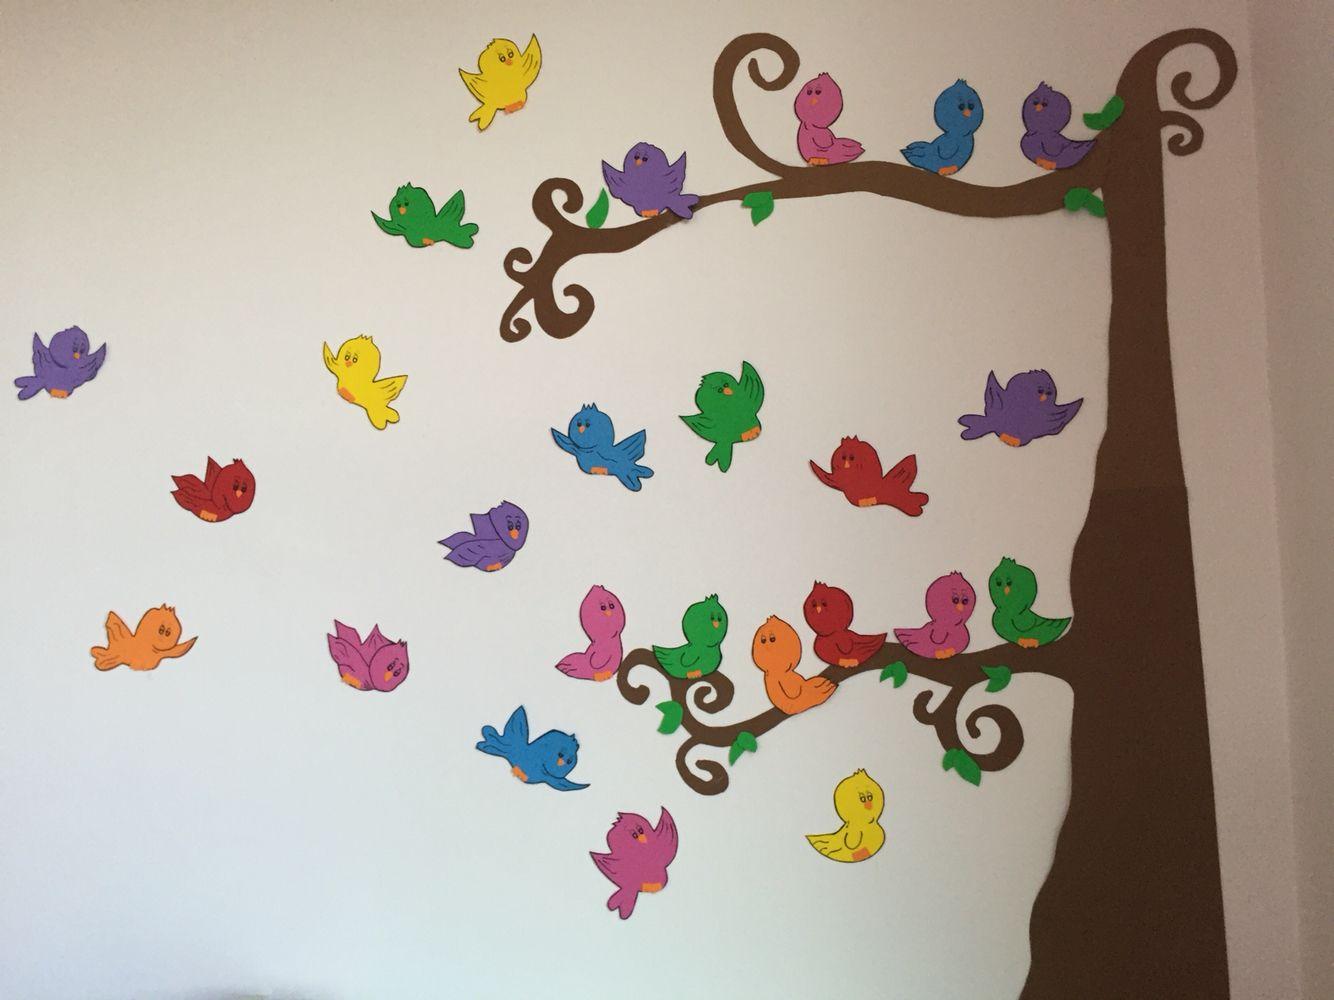 Davran kinderzimmer pinterest fensterdeko for Kinderzimmer fensterdeko